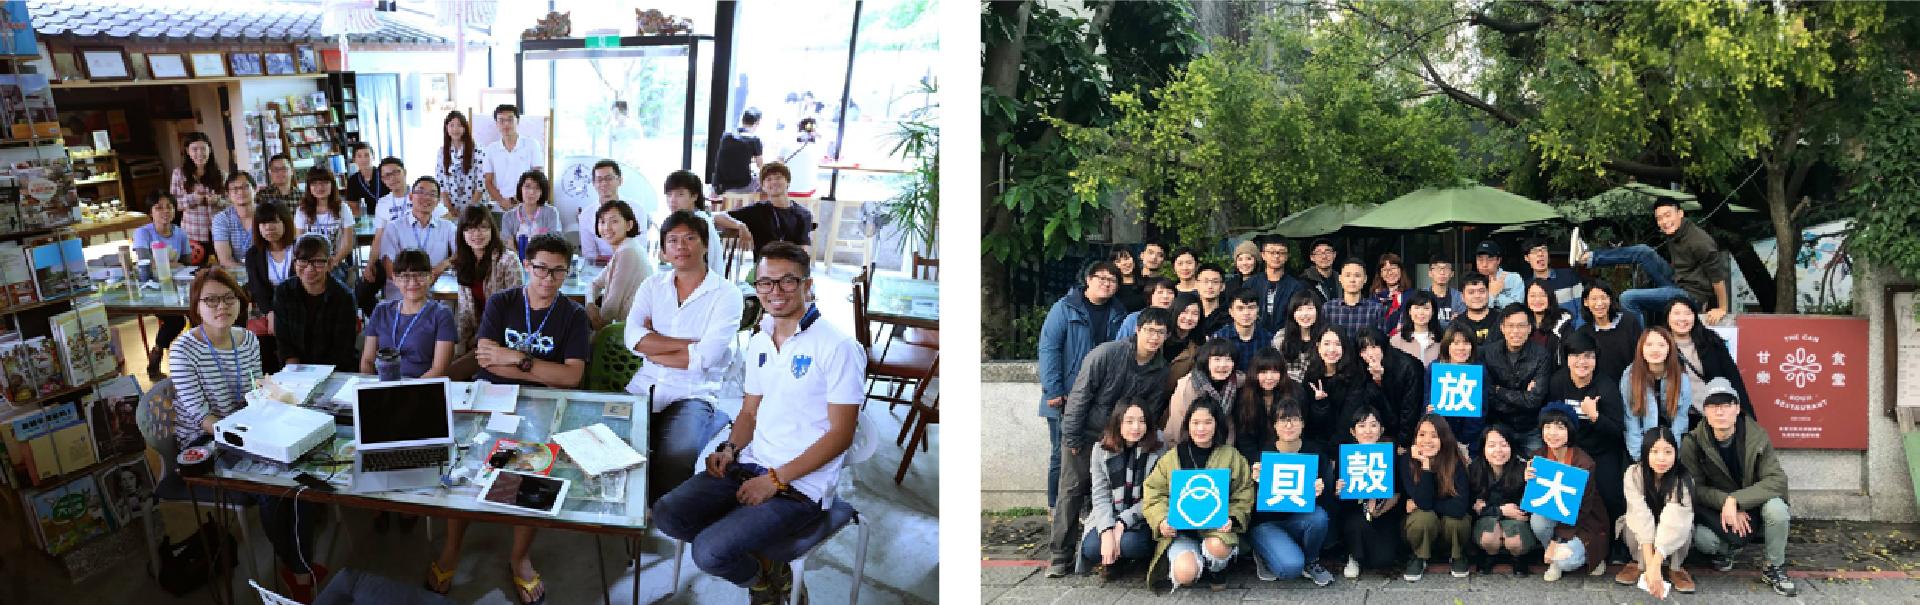 甘樂旅宿 企業員工的一日遊學提案,提升企業CSR與員工社會關懷。 用行動長期陪伴地方高關懷孩童,建築城鄉關懷與支持系統,為孩子們創造夢想。 | 甘樂文創 | 甘之如飴,樂在其中